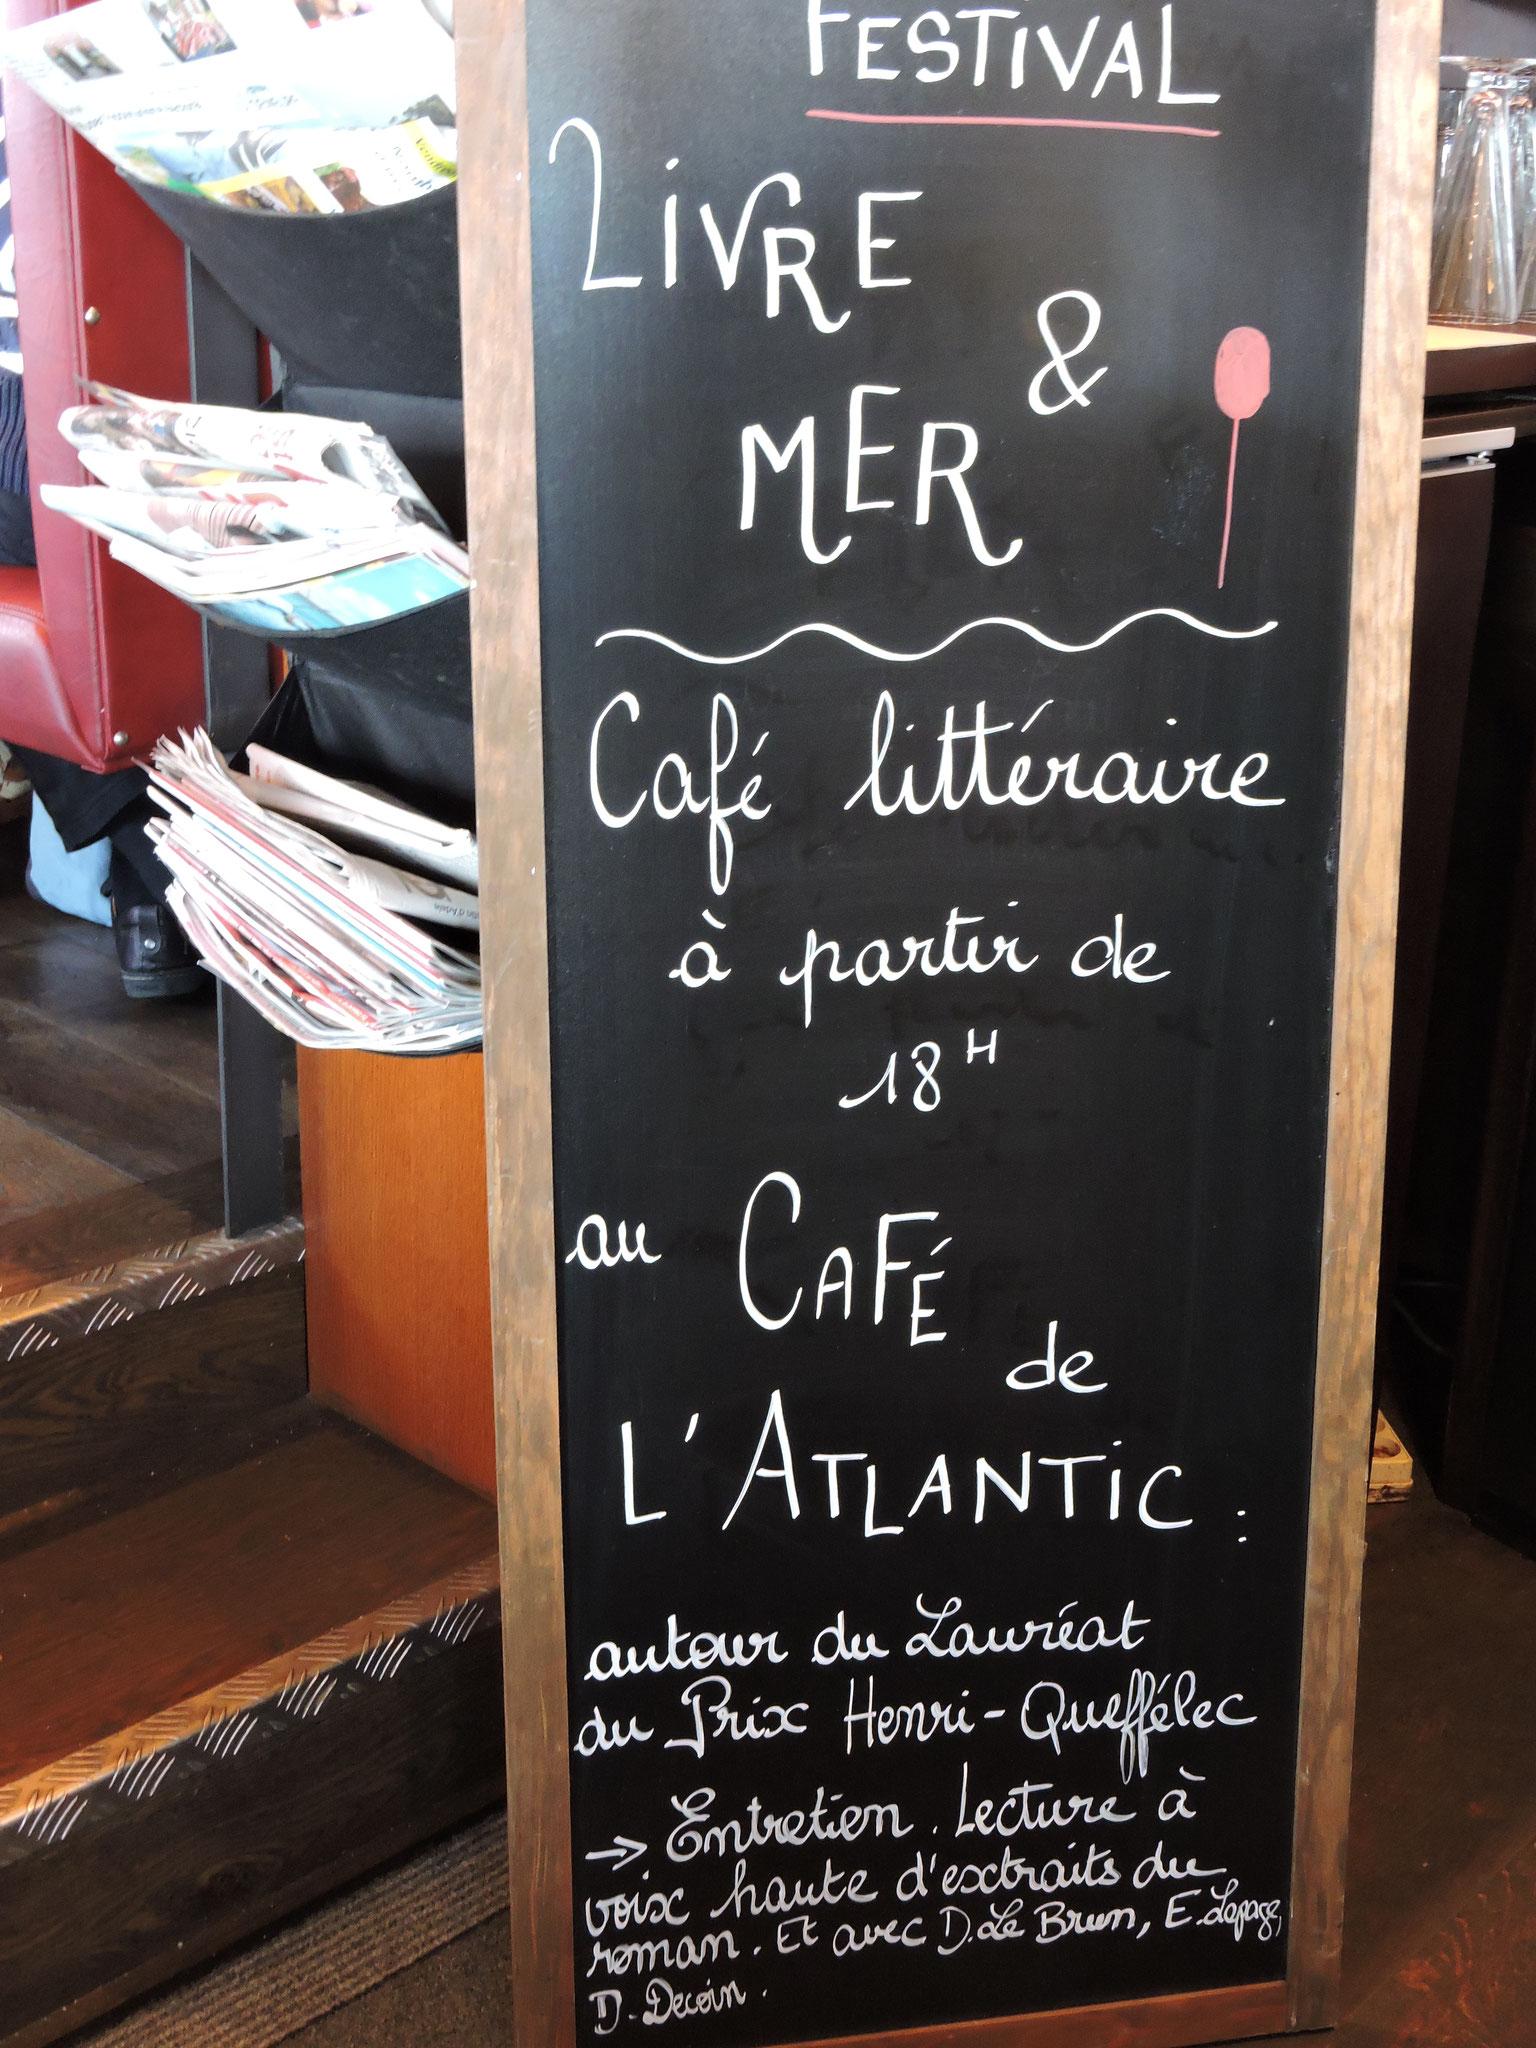 Annonce au Café de l'Atlantic © C. Le Bonhomme